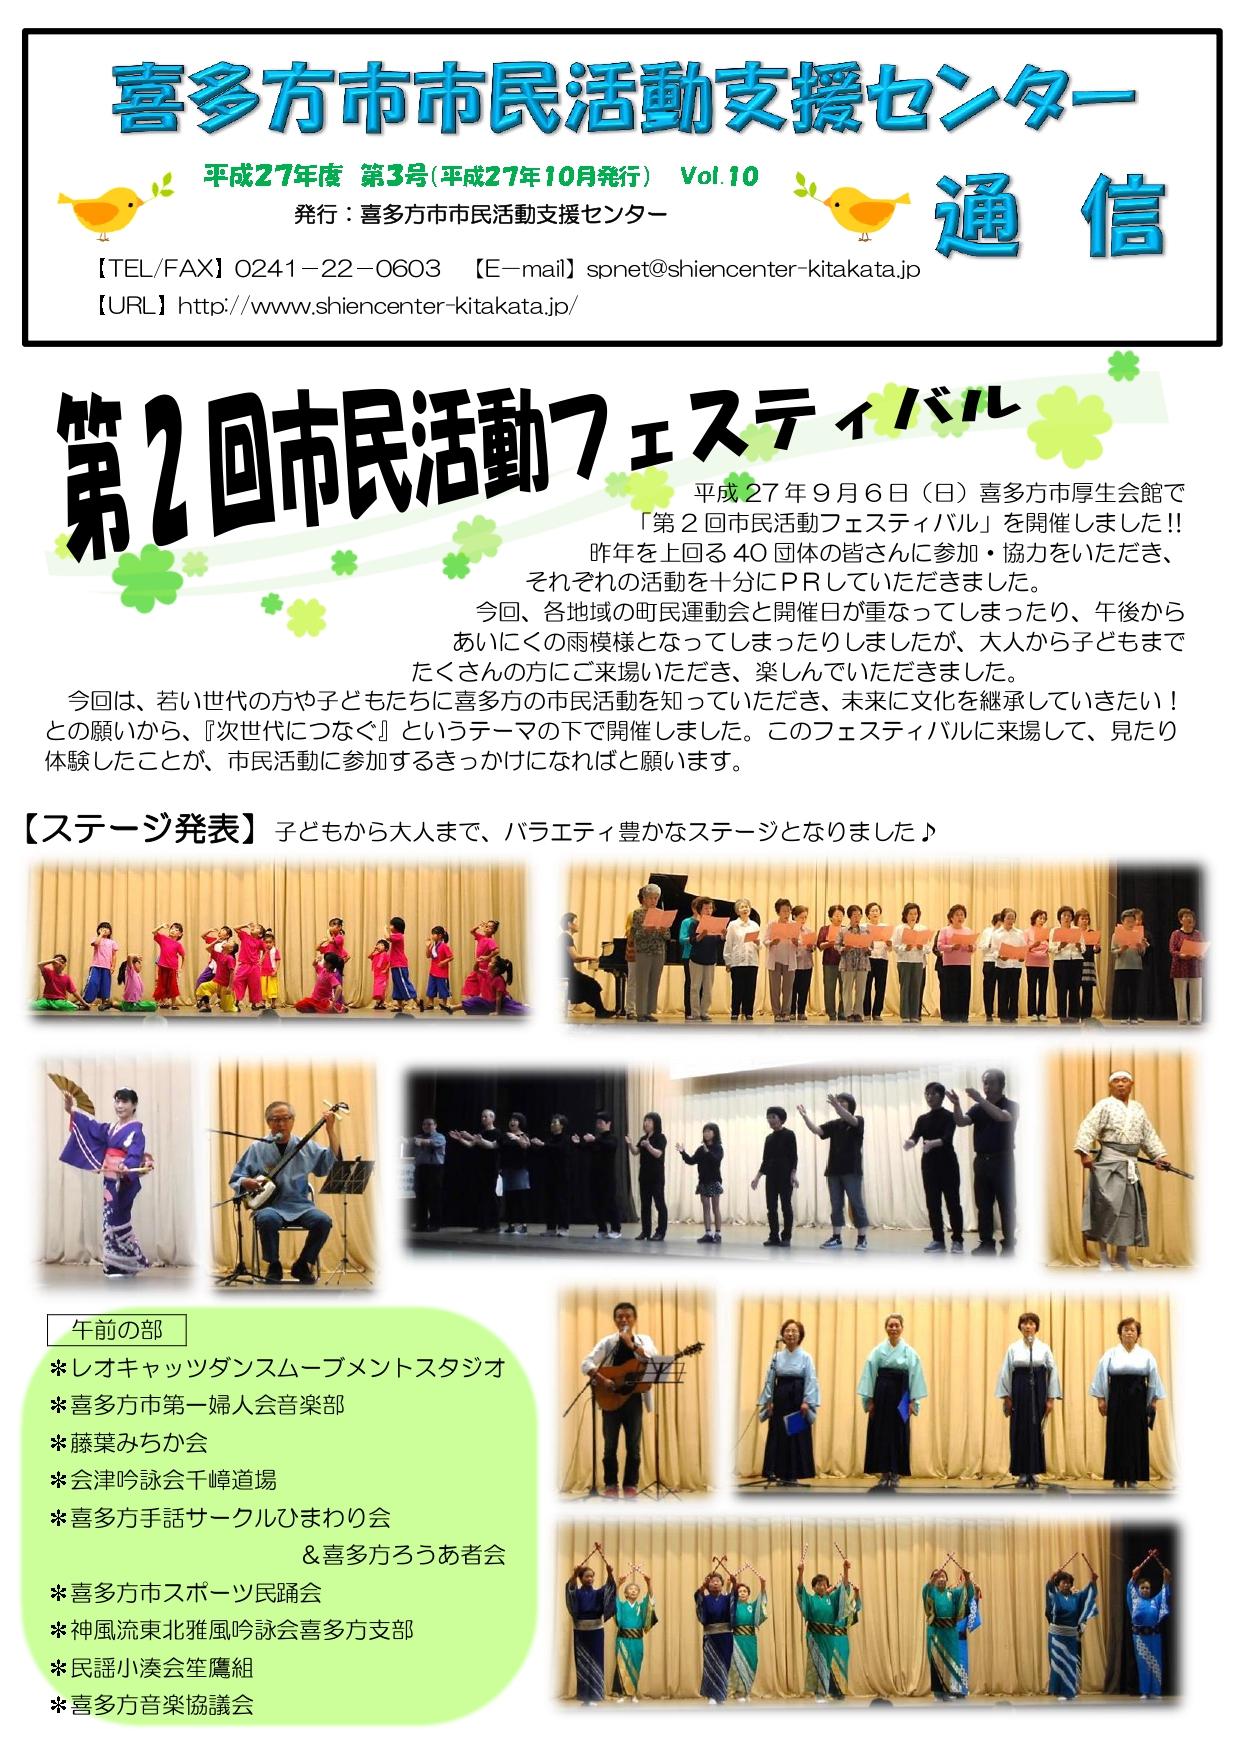 喜多方市市民活動支援センター通信 平成27年度第3号(Vol.10)